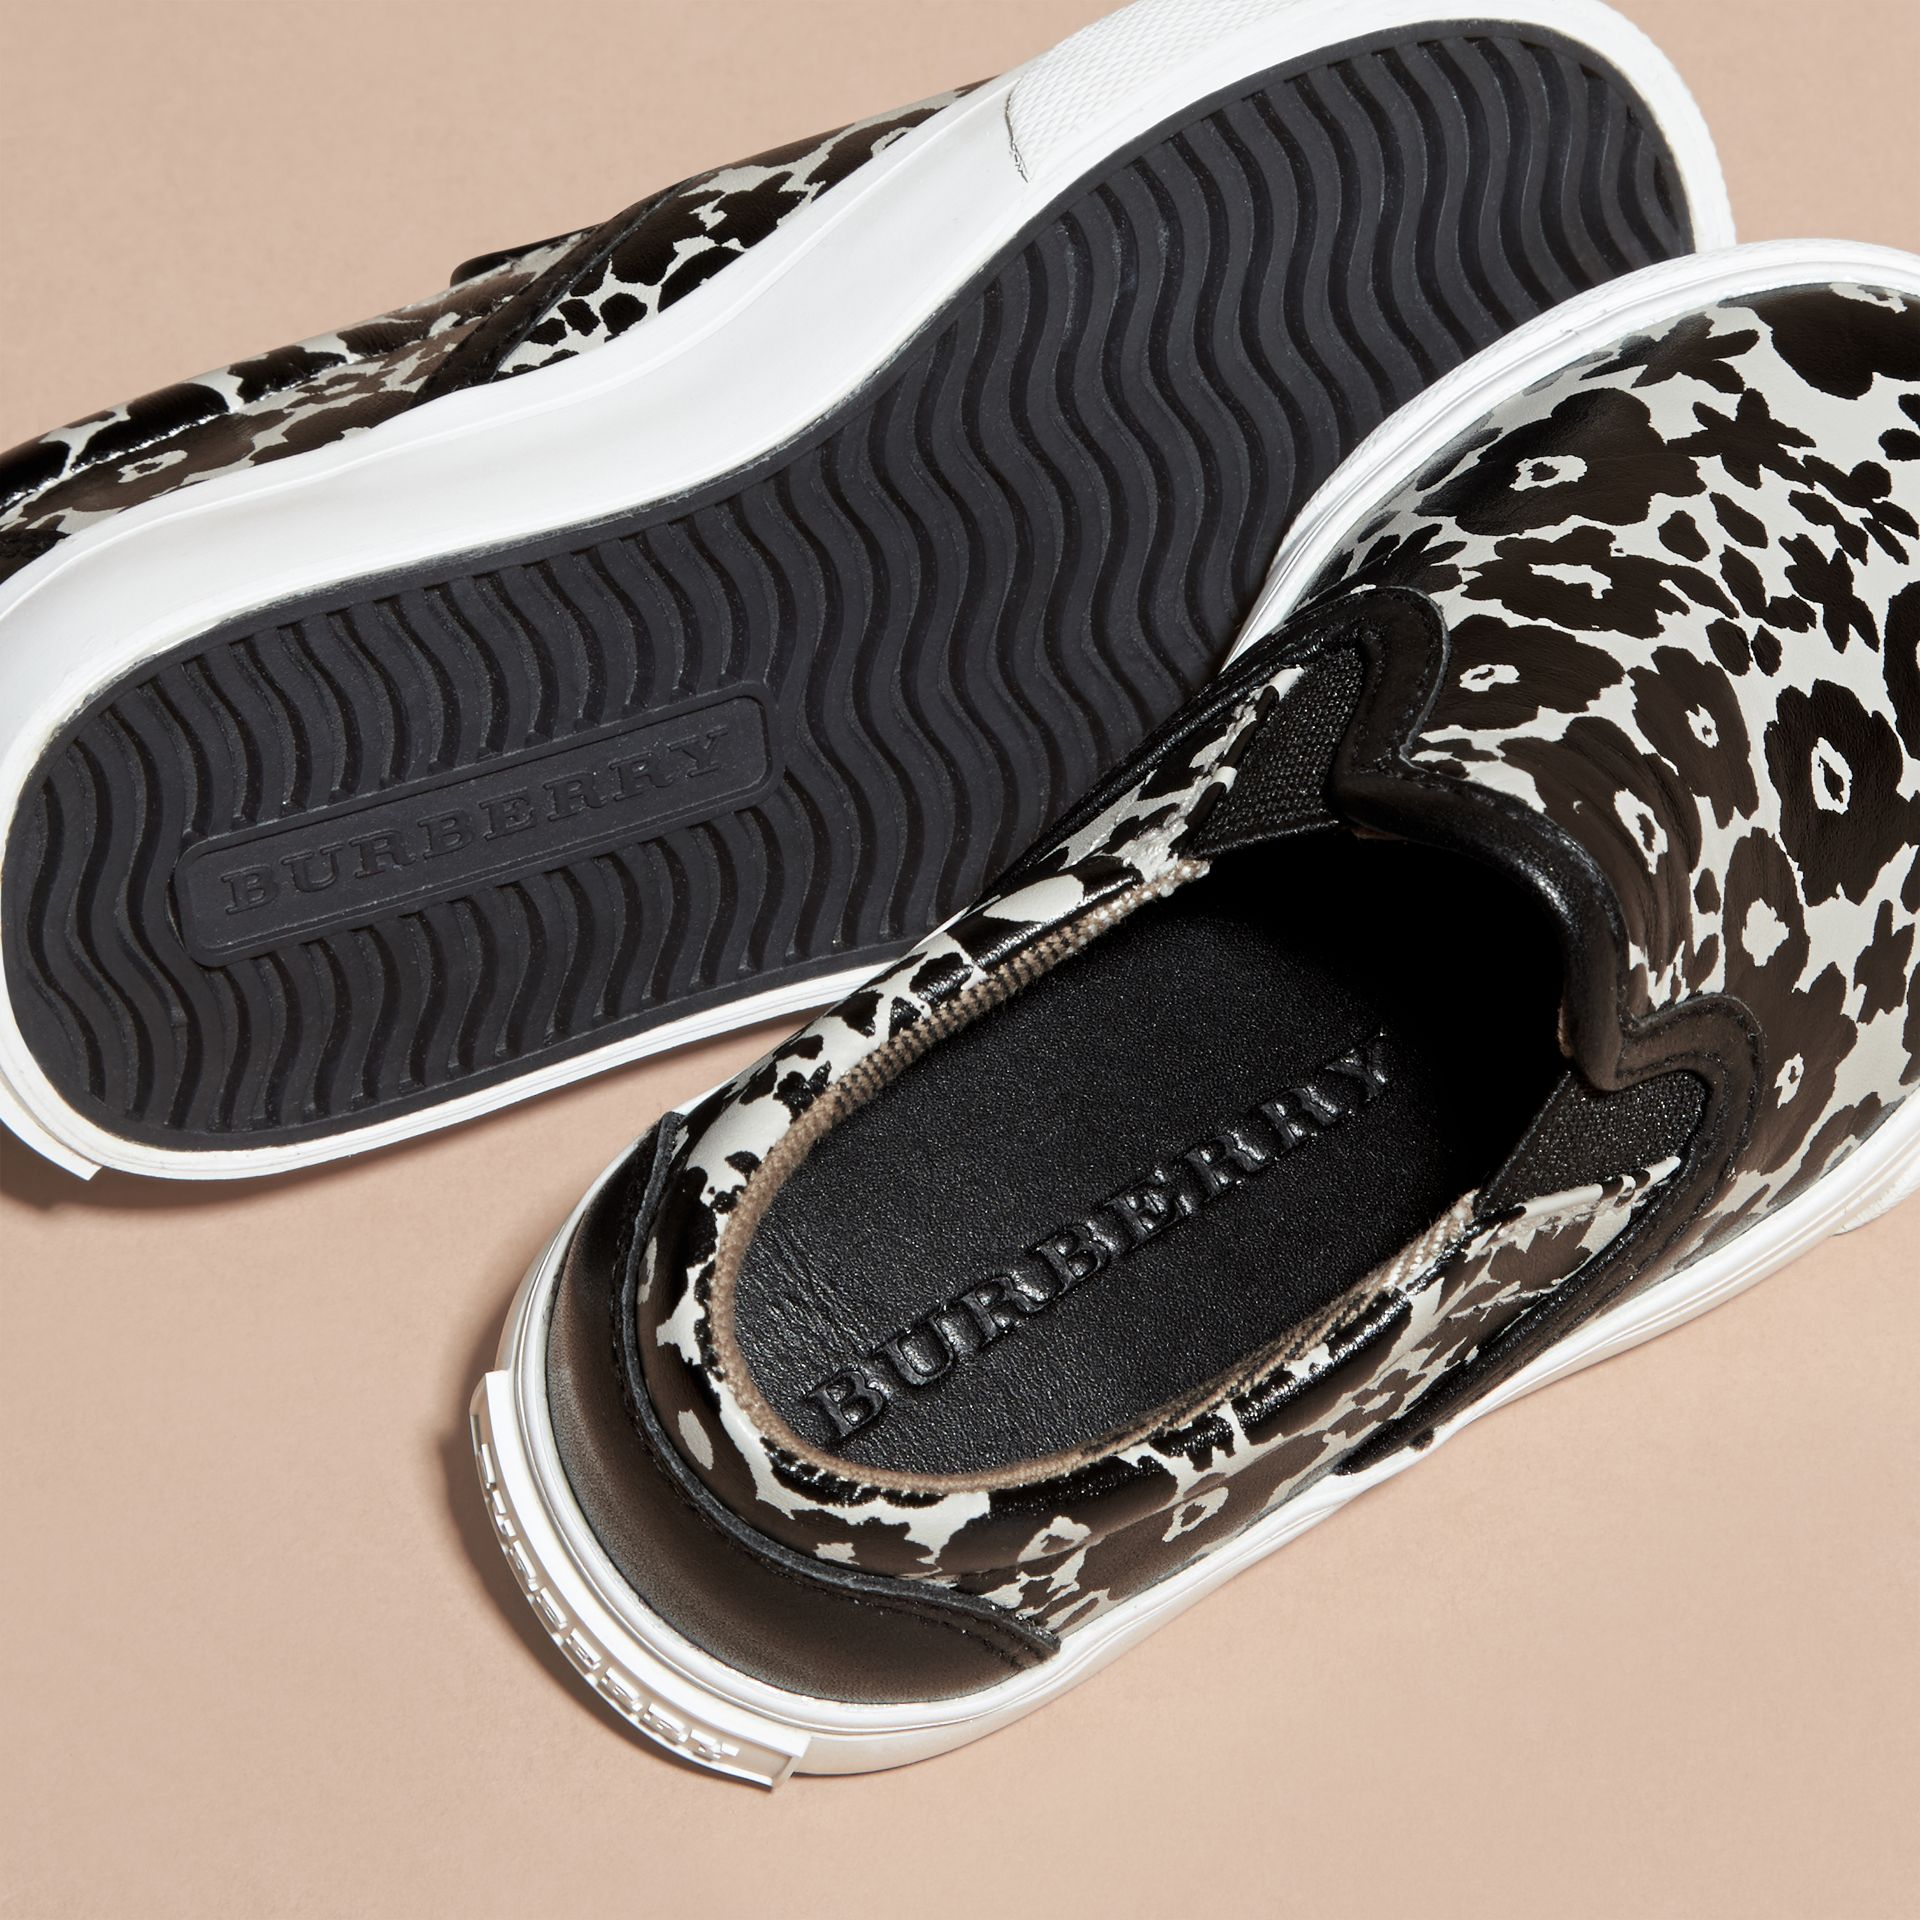 Nero/bianco Sneaker senza lacci in pelle con stampa floreale - immagine della galleria 2